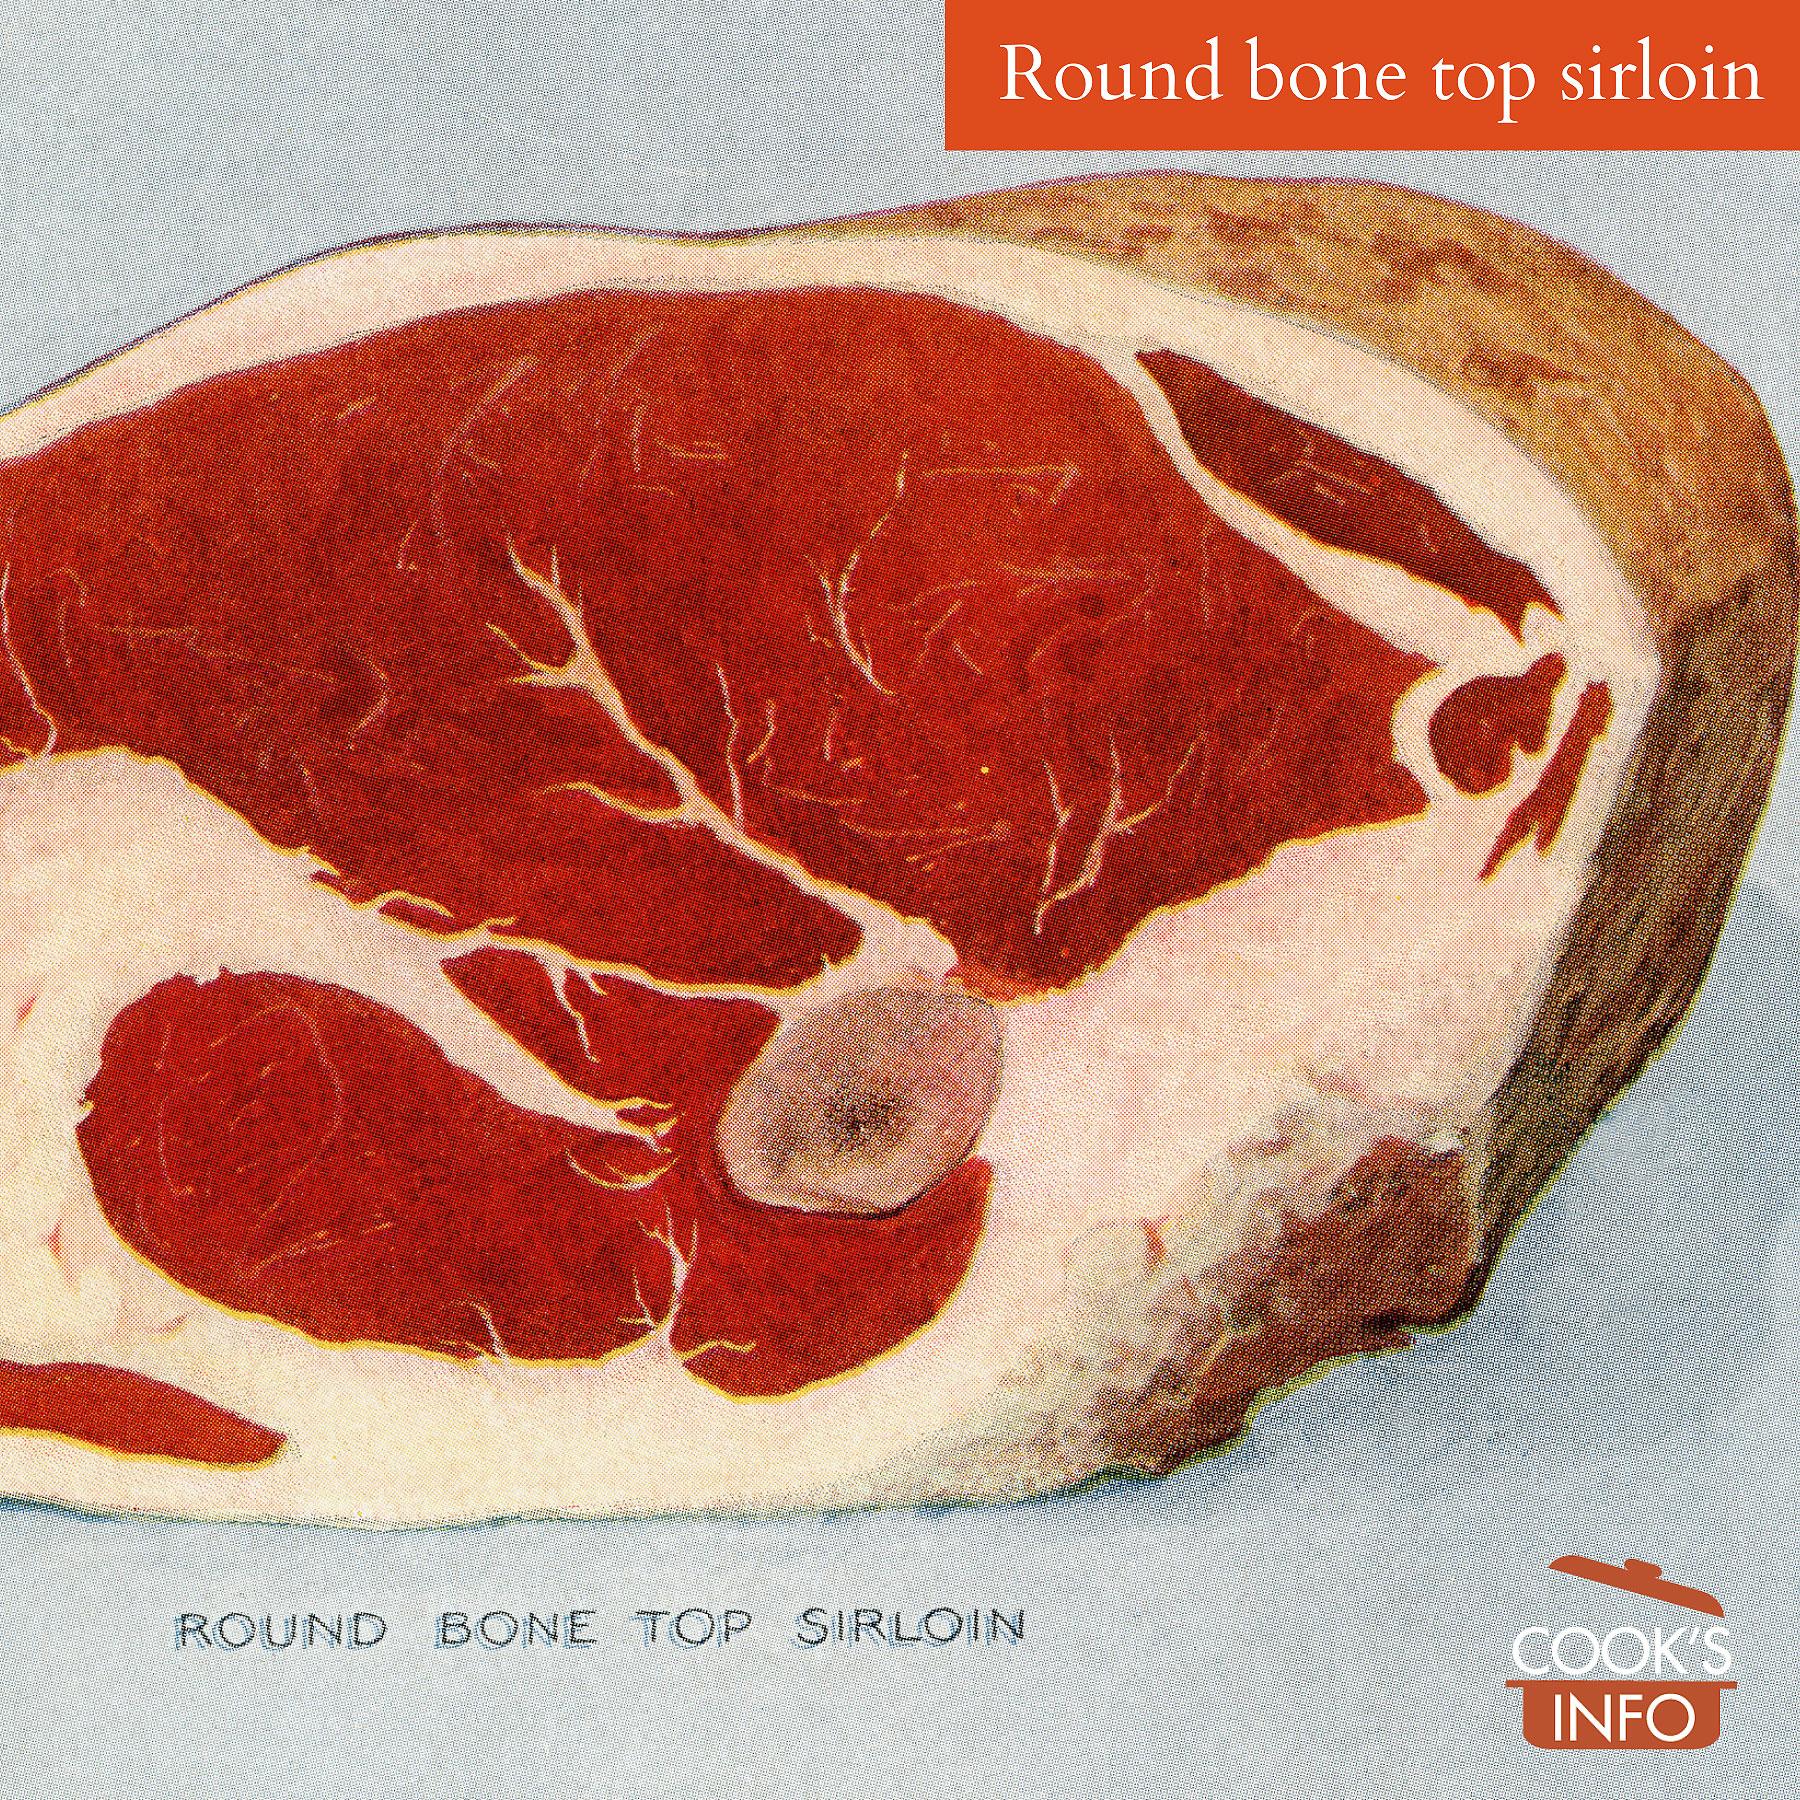 Round bone sirloin